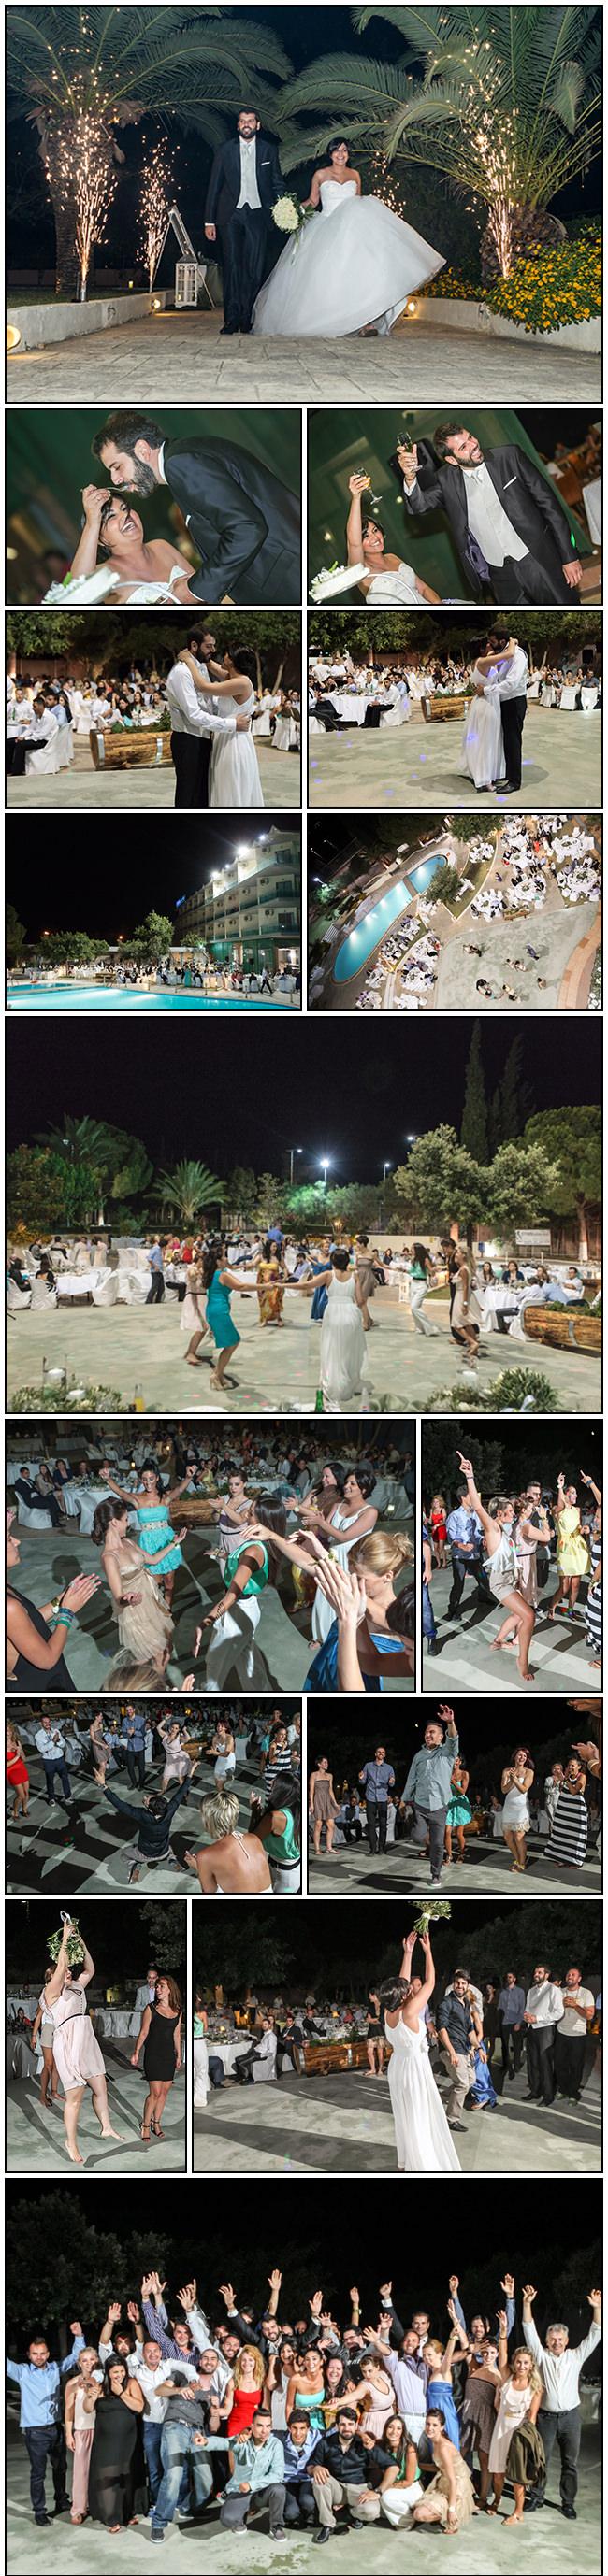 Sofia-Kostas Isthmia wedding - party photos